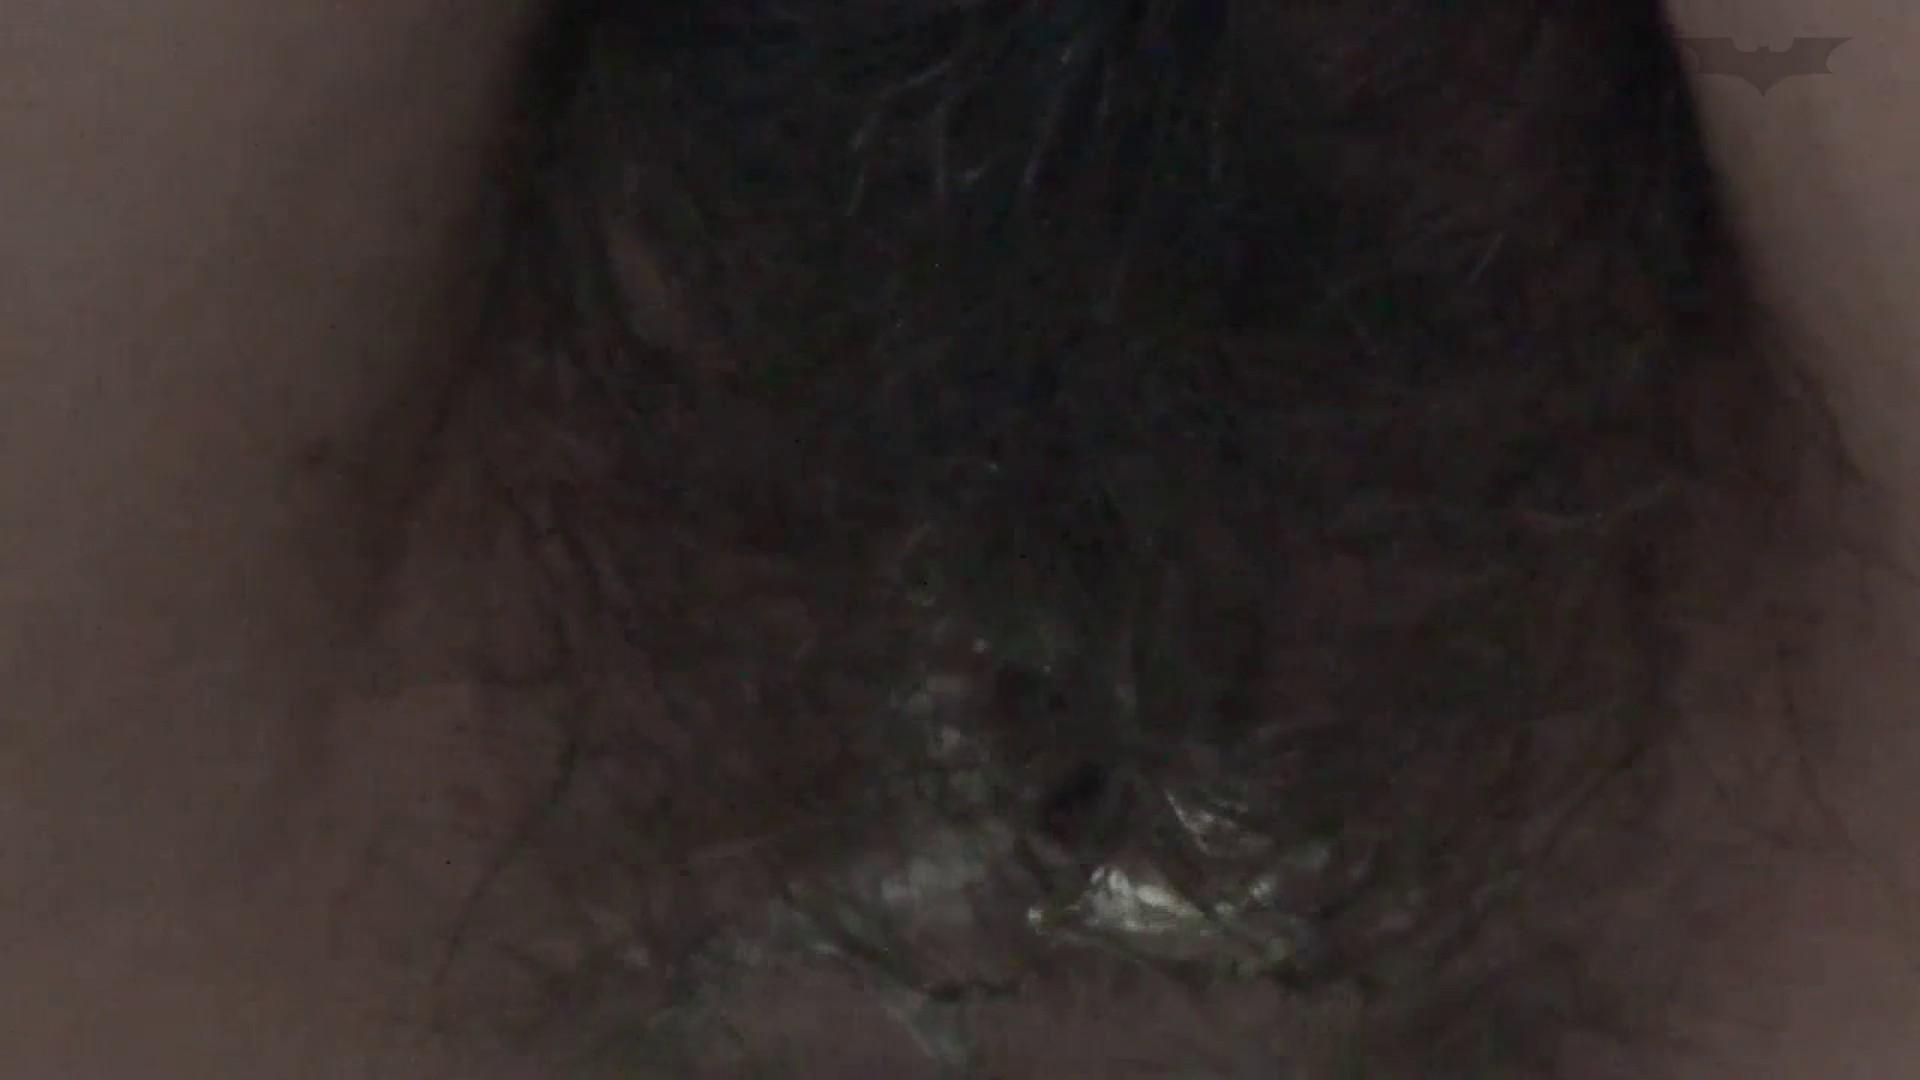 JD盗撮 美女の洗面所の秘密 Vol.60 盗撮 | 高画質  81画像 9